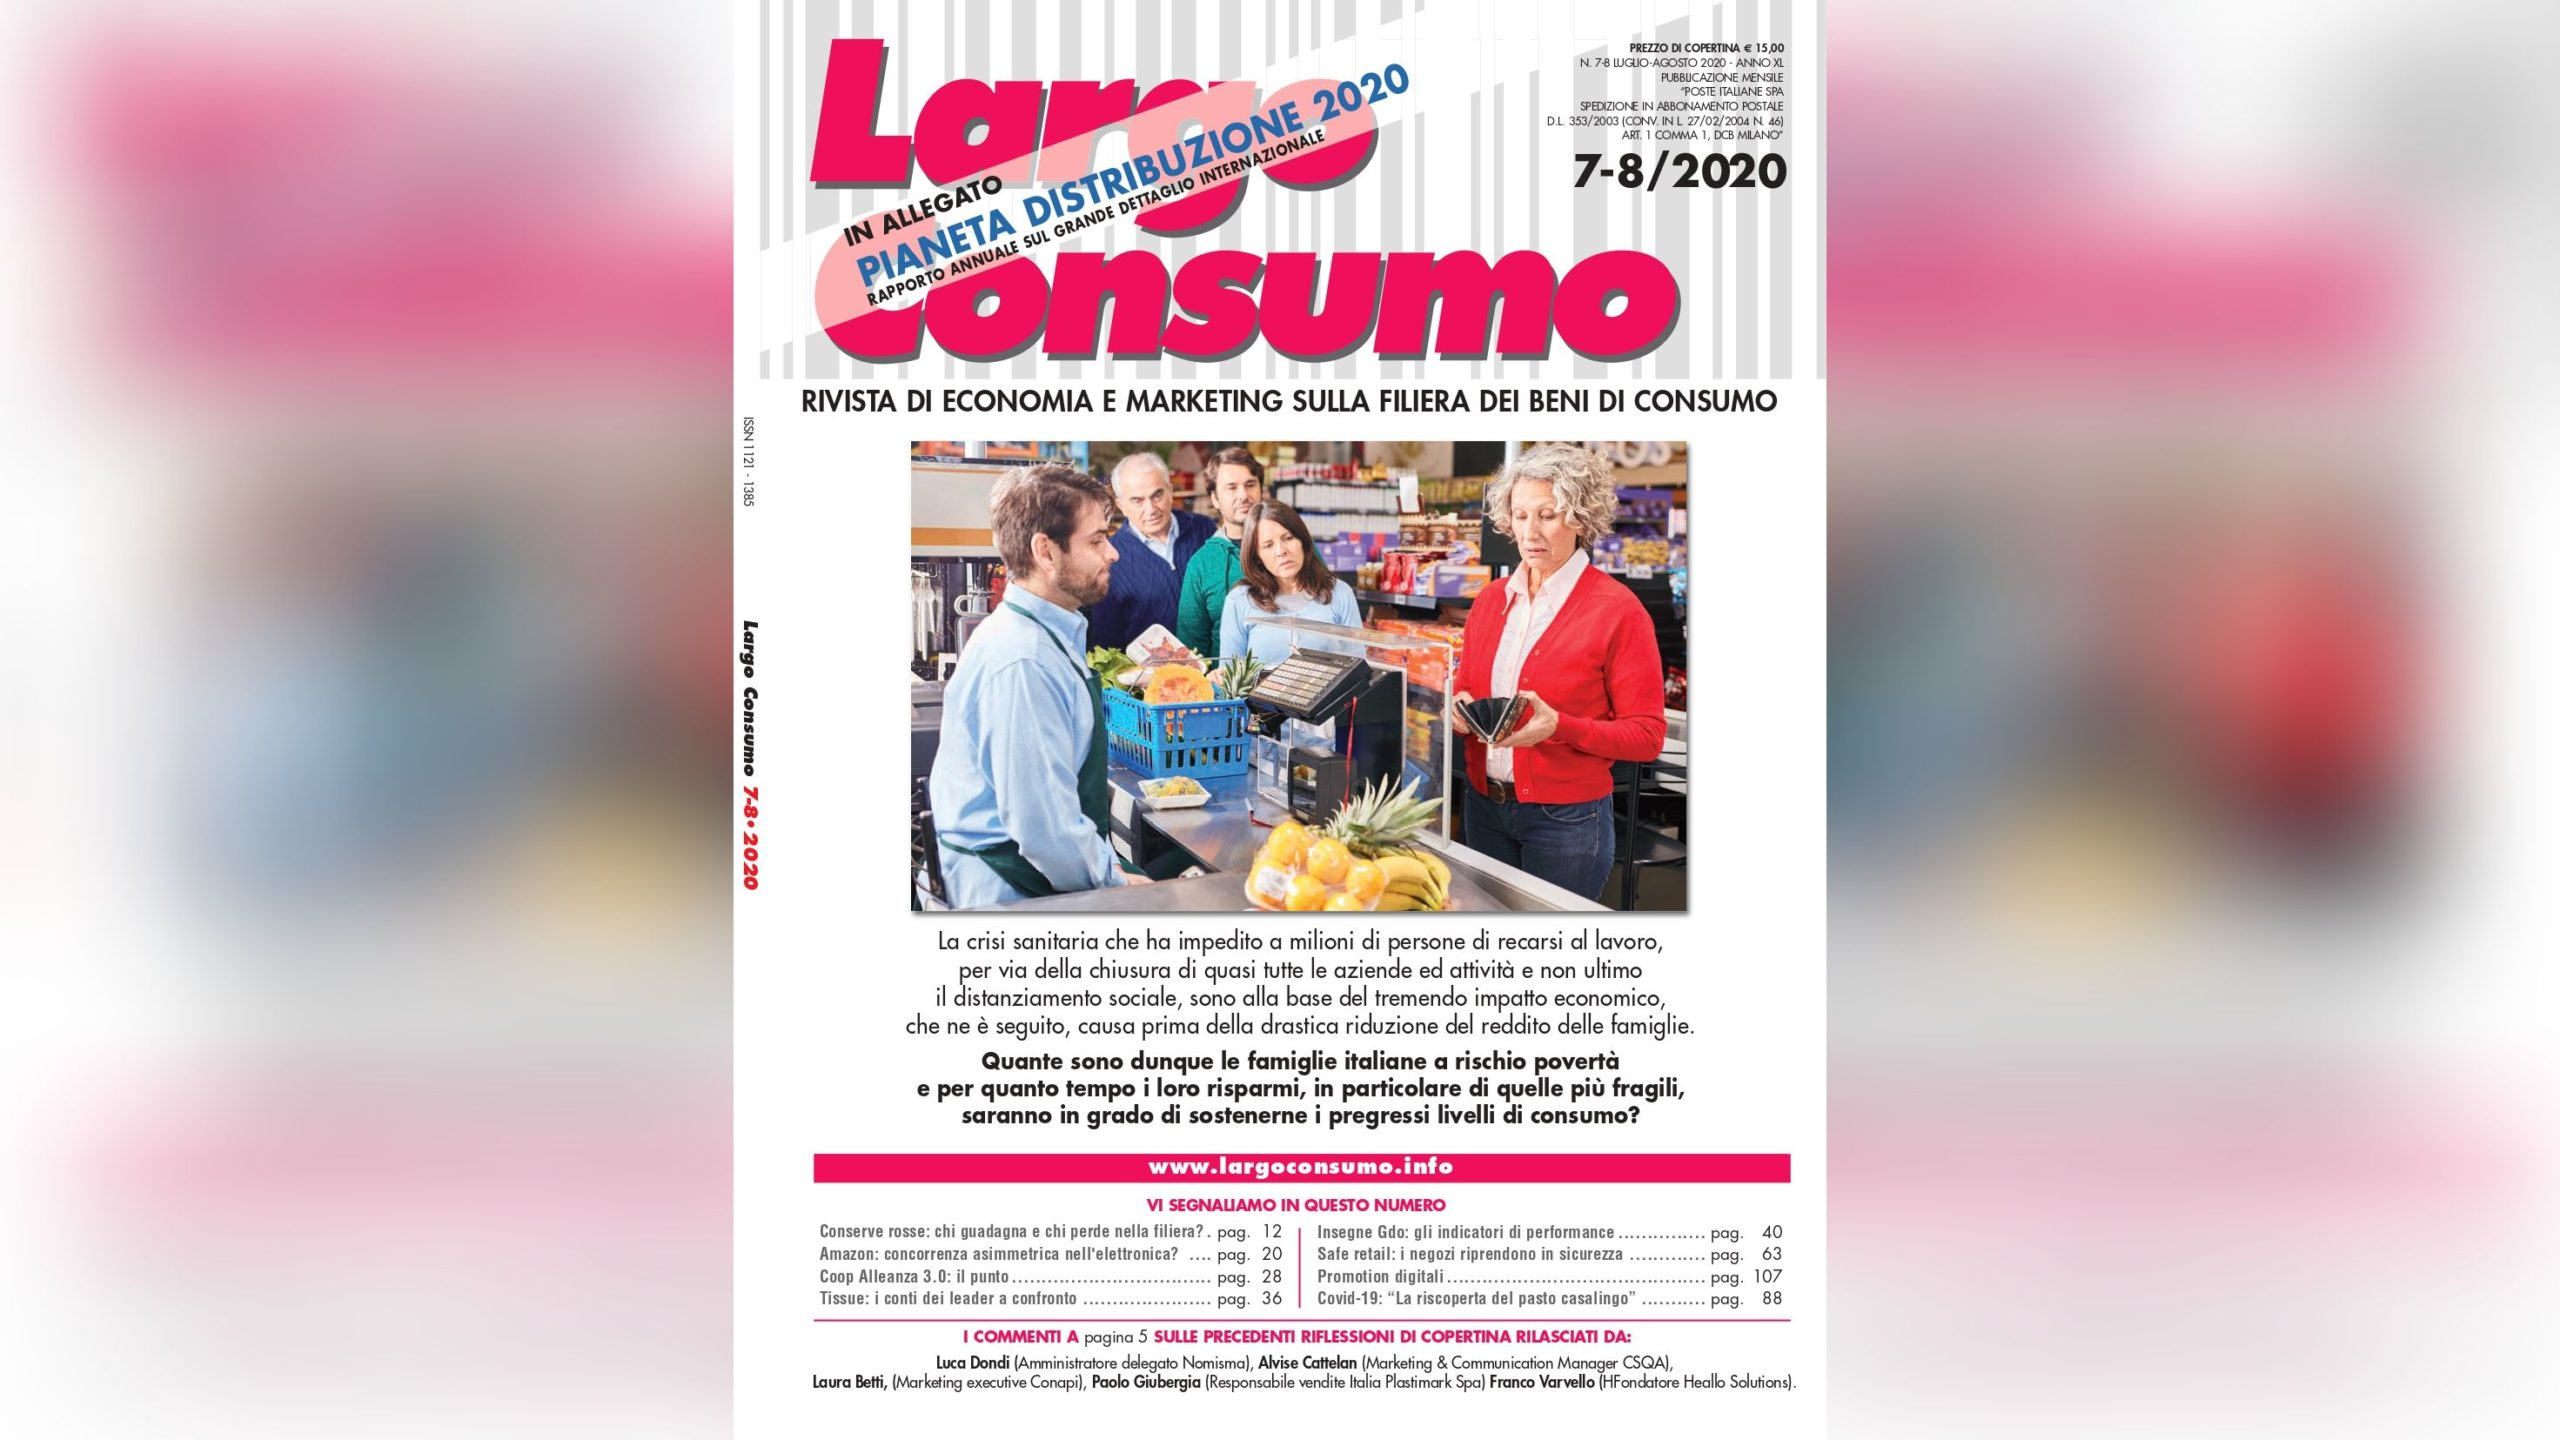 largo consumo-competitive data